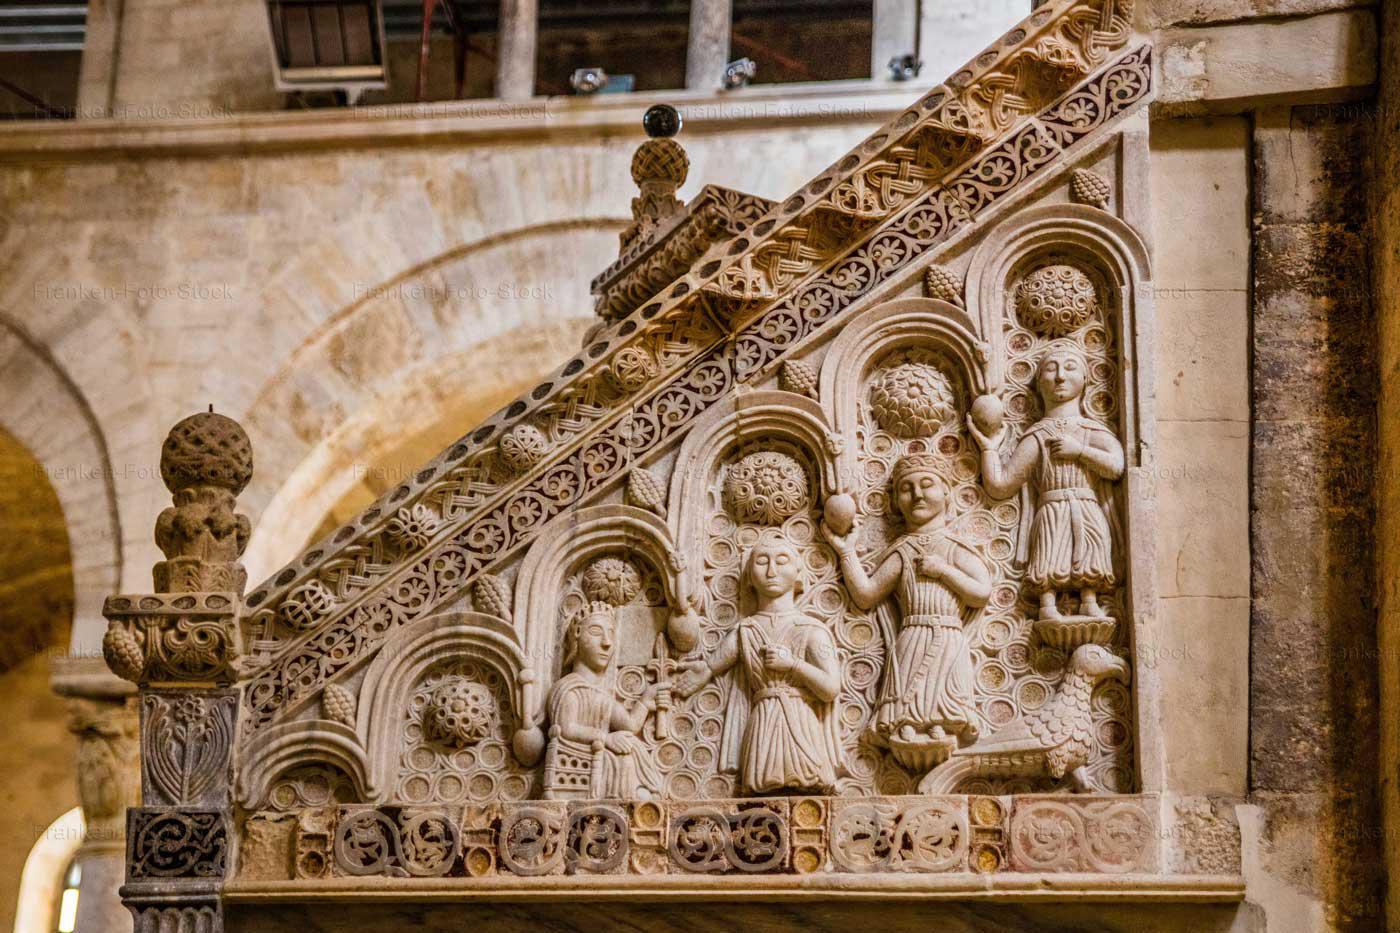 Kanzelrelief Kathedrale S. Valentino, Bitonto. Foto R. Franken